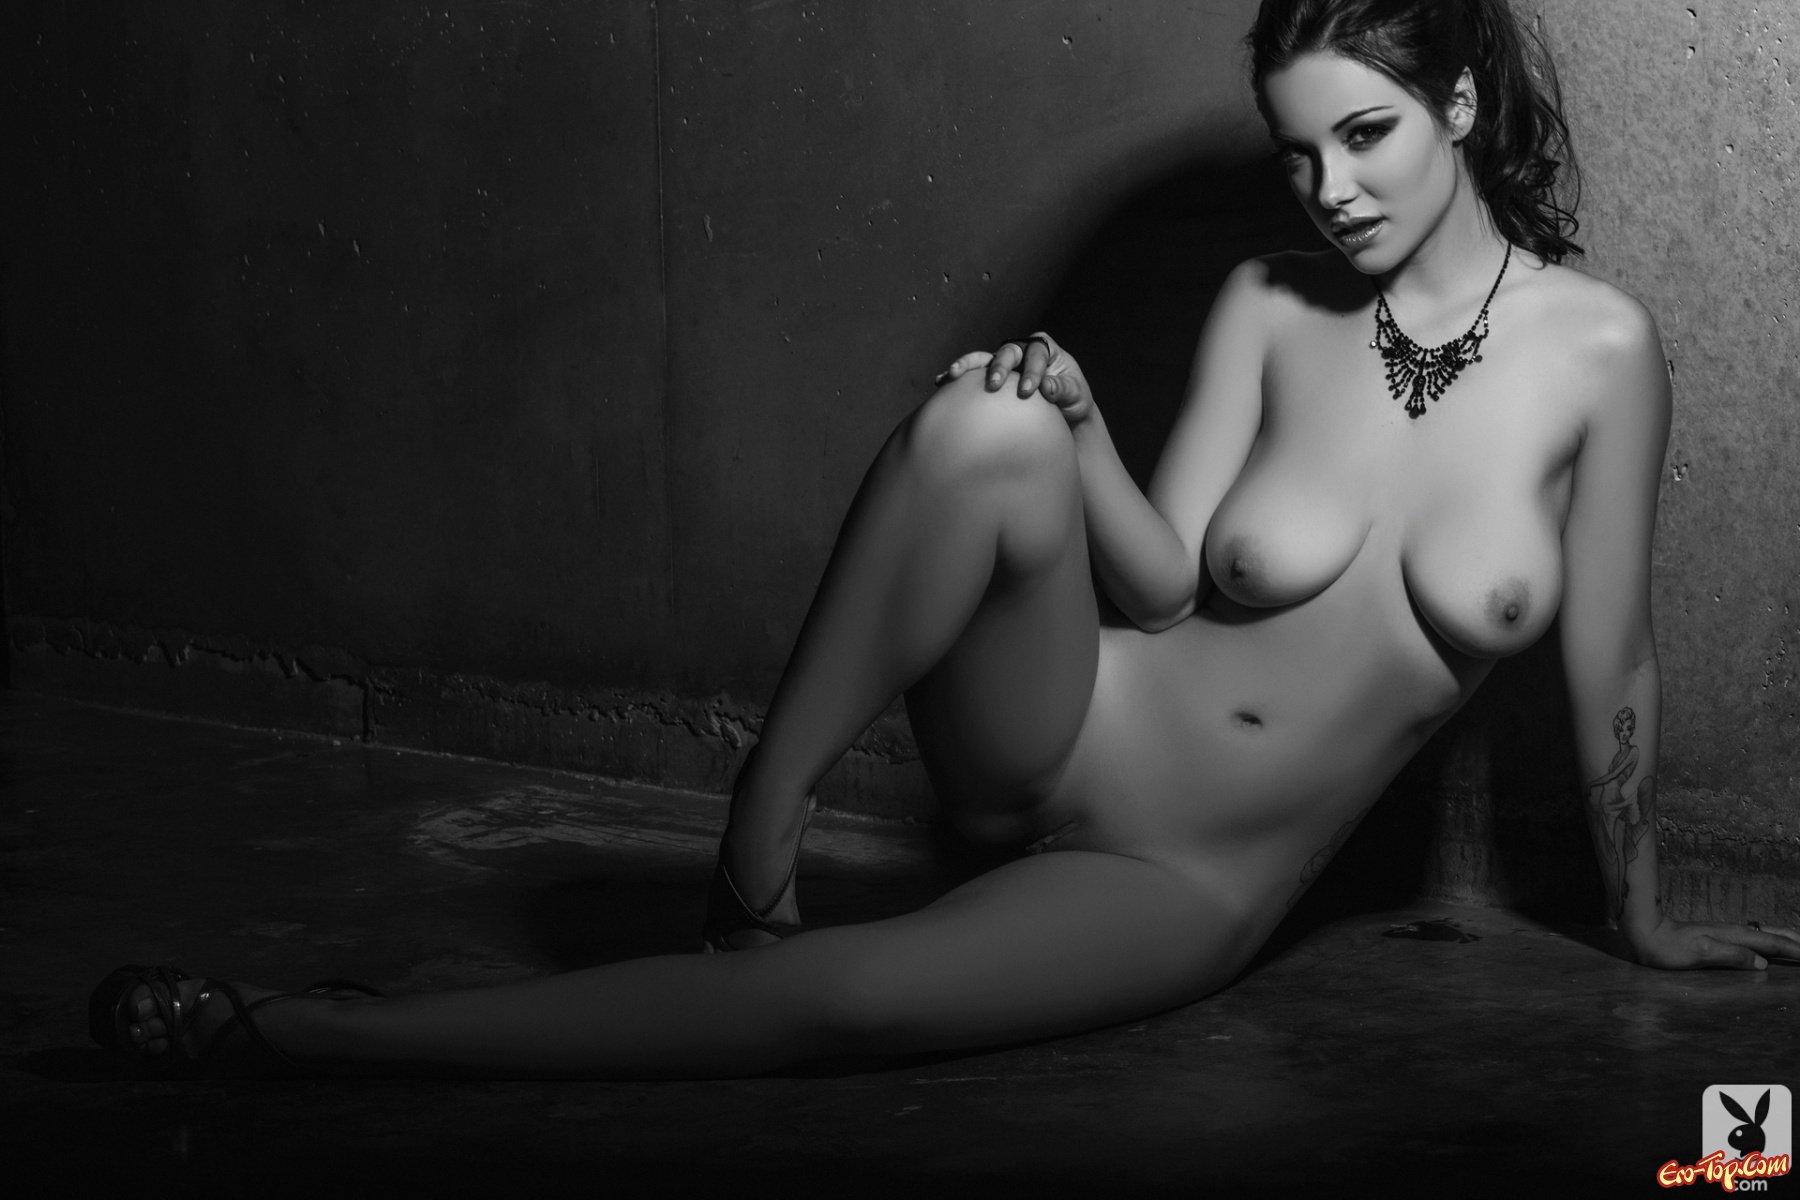 Эротические фотки девушек клубная тематика 1 фотография